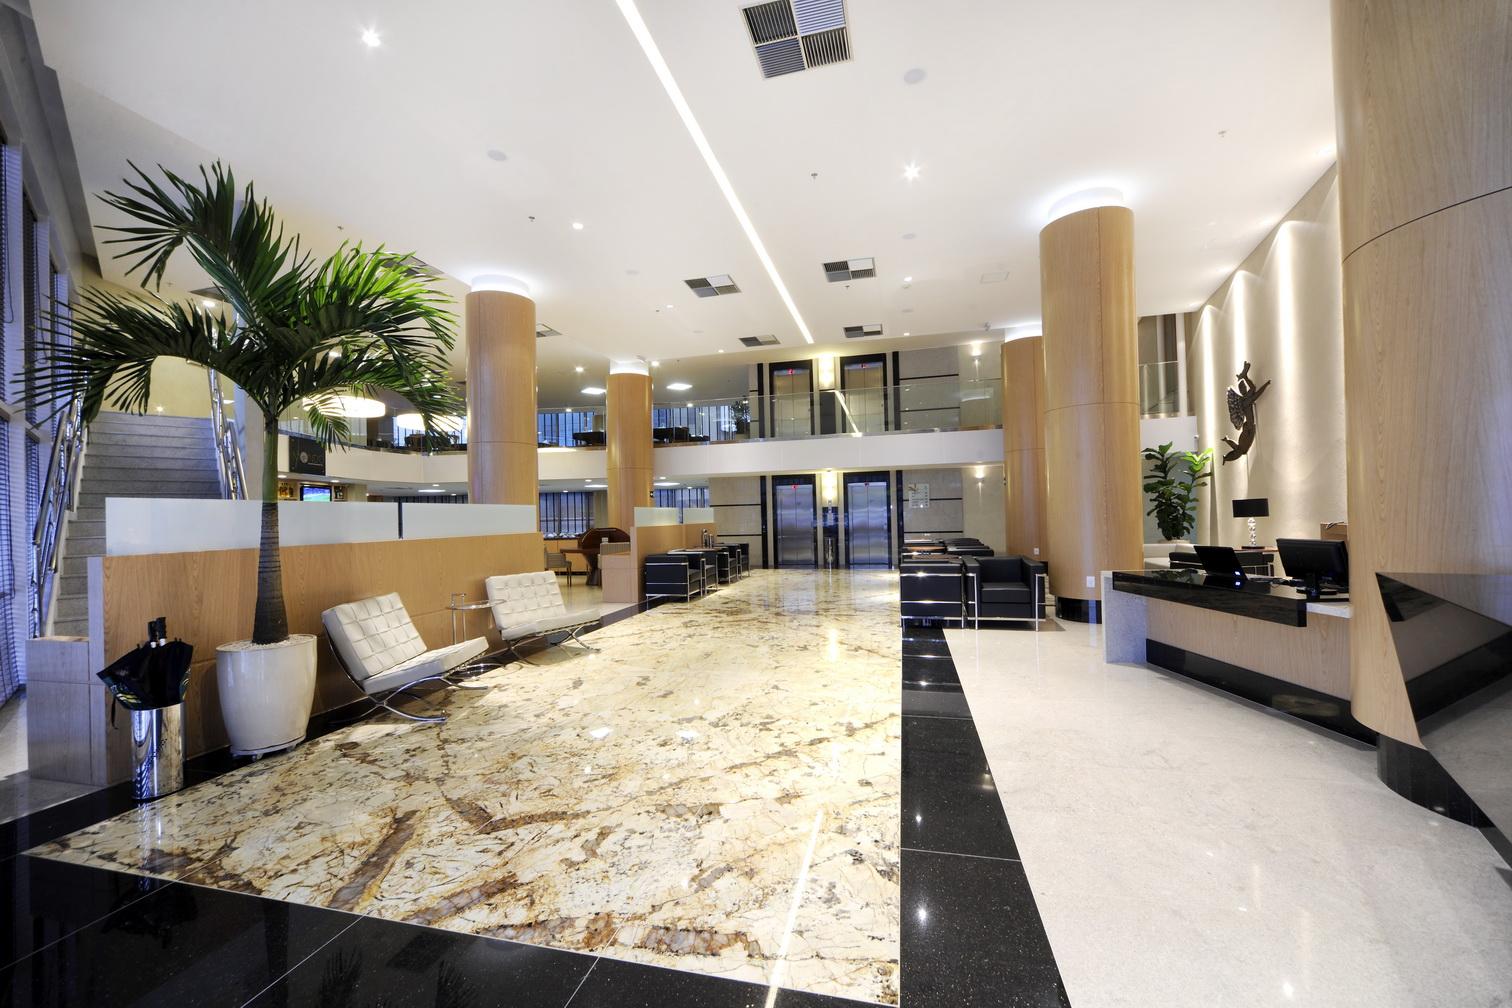 Hotel investe em itens de acessibilidade para se destacar no mercado #8A6D41 1512 1008